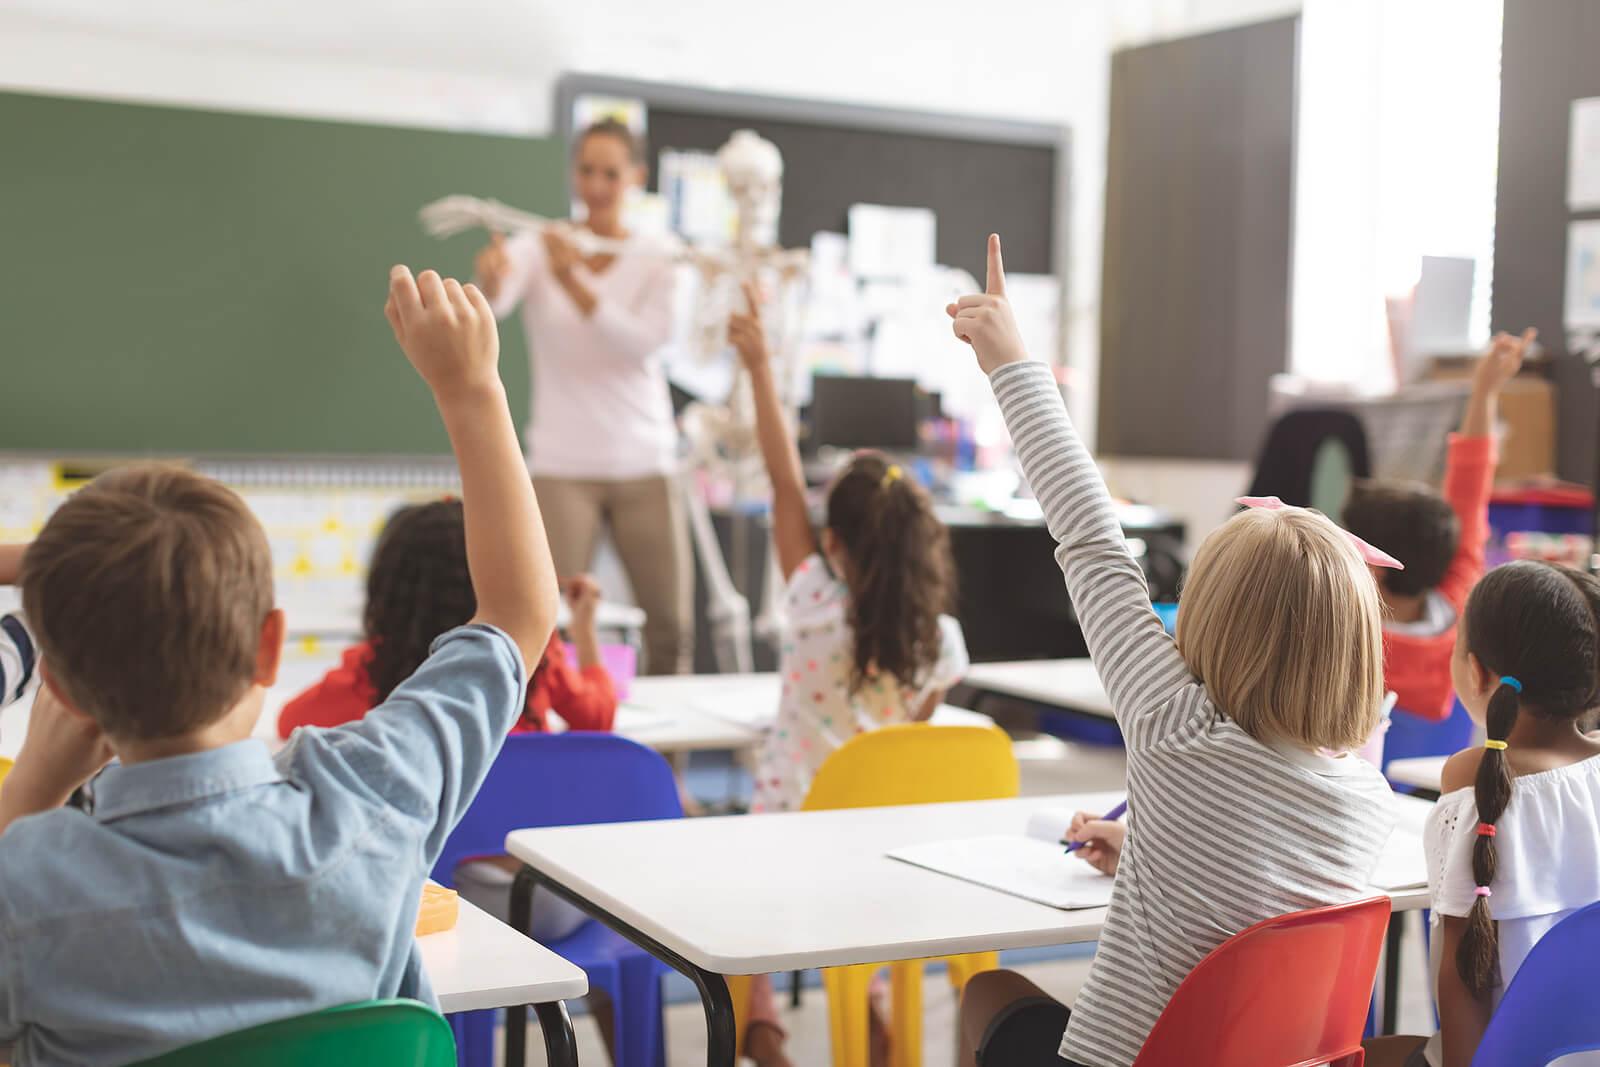 Profesora en clase con sus alumnos aplicando estrategias para fomentar la resiliencia en el aula.